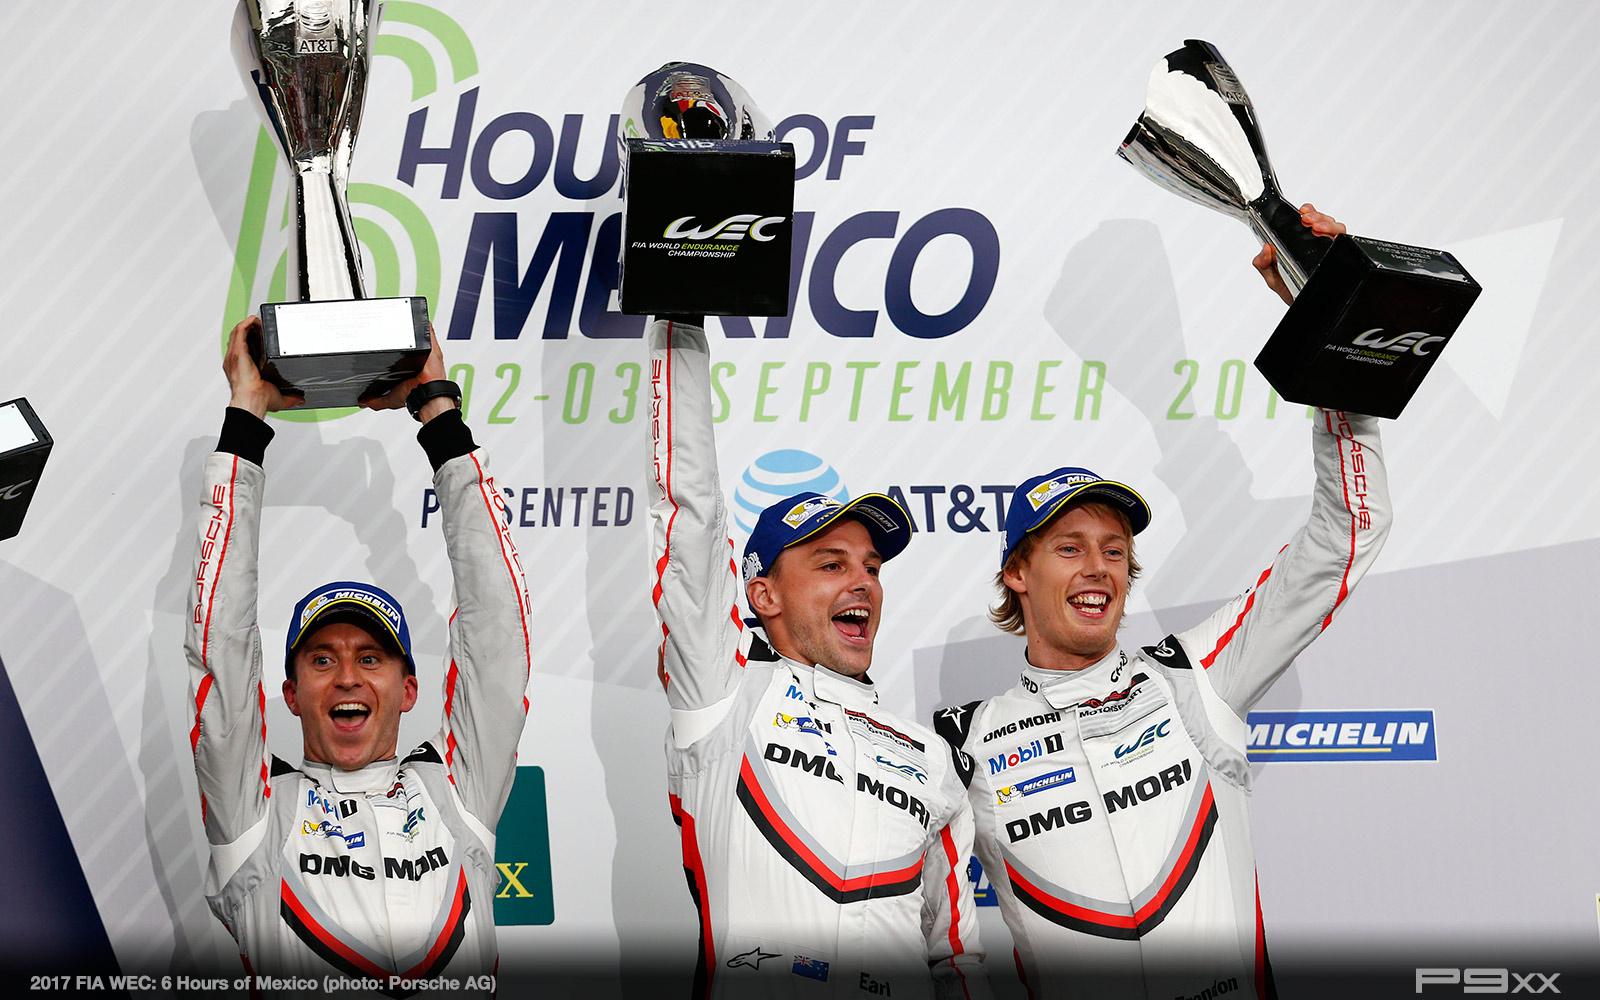 2017-FIA-WEC-6-HOURS-MEXICO-PORSCHE-1323